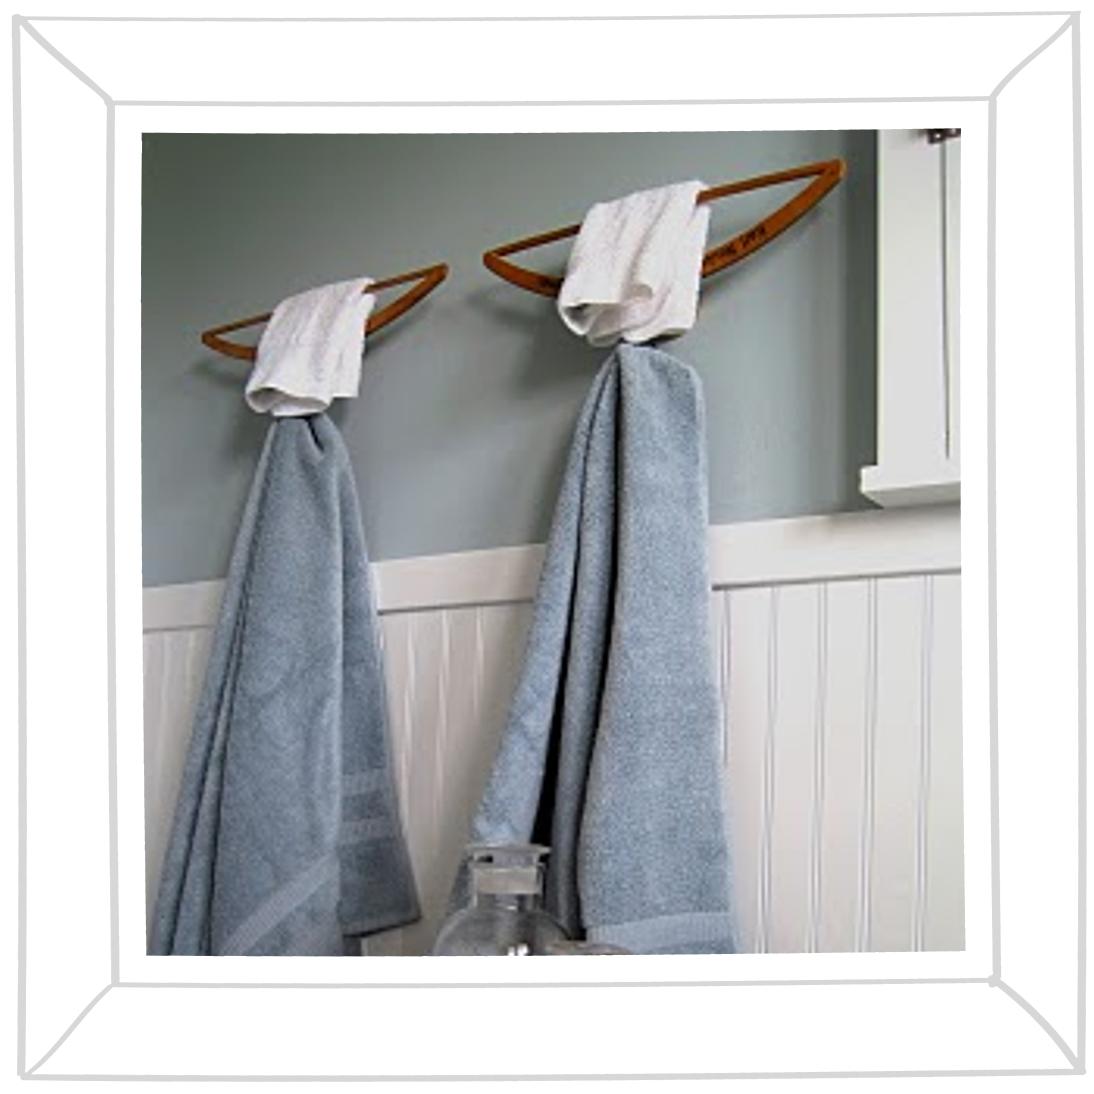 diy badezimmer eckventil waschmaschine. Black Bedroom Furniture Sets. Home Design Ideas